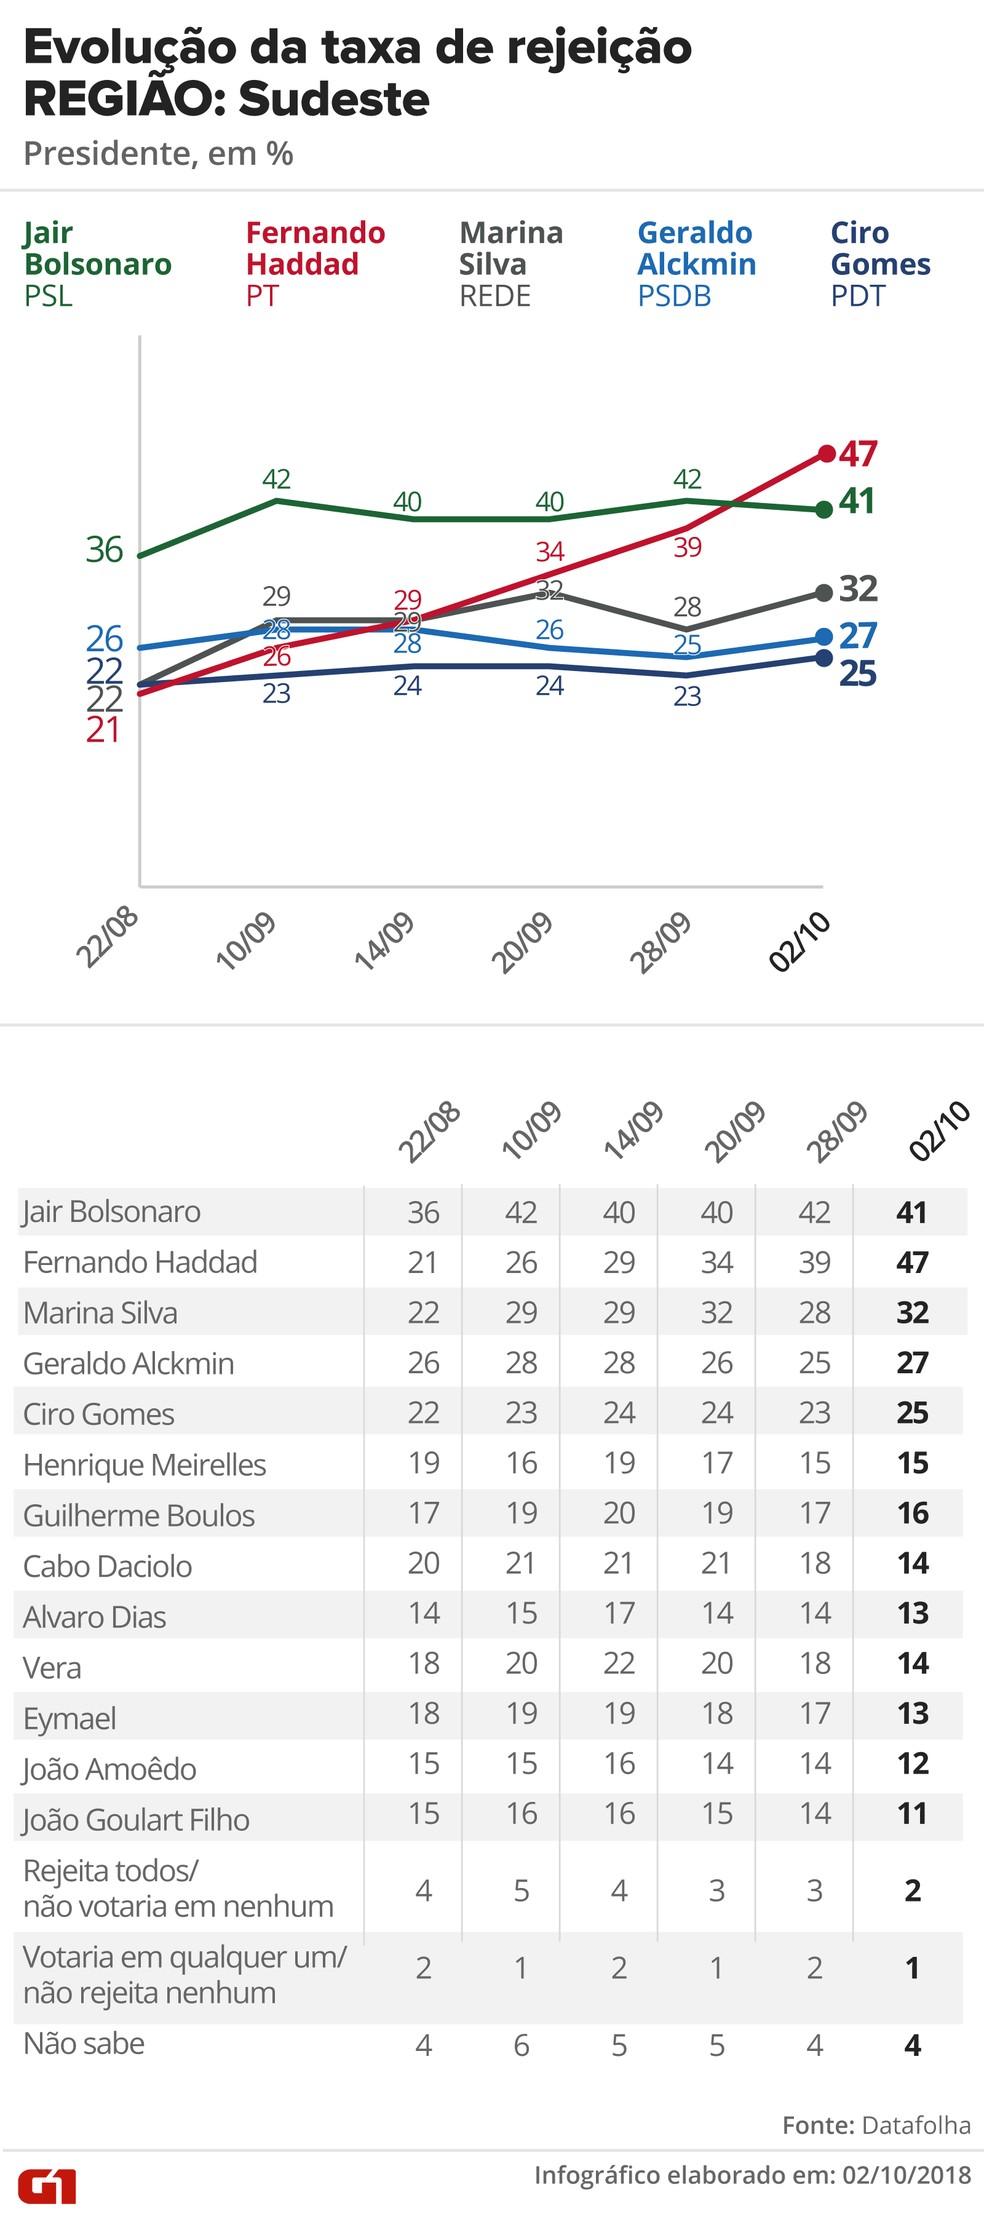 Pesquisa Datafolha, 2/10 para presidente - Rejeição - Região: Sudeste — Foto: G1 Arte